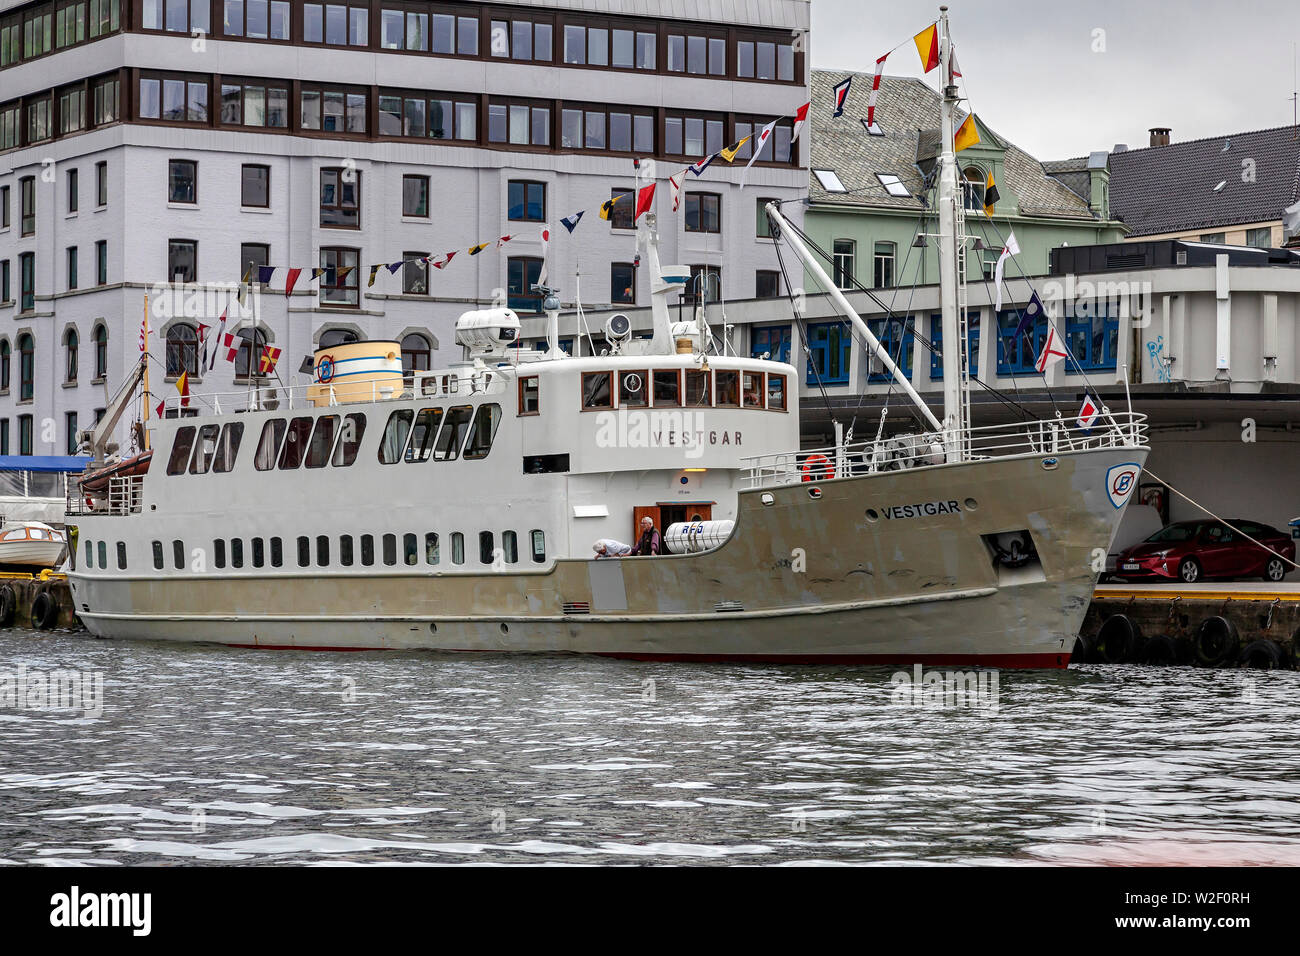 Old passenger vessel Vestgar (built 1957) in the port of Bergen, Norway. - Stock Image